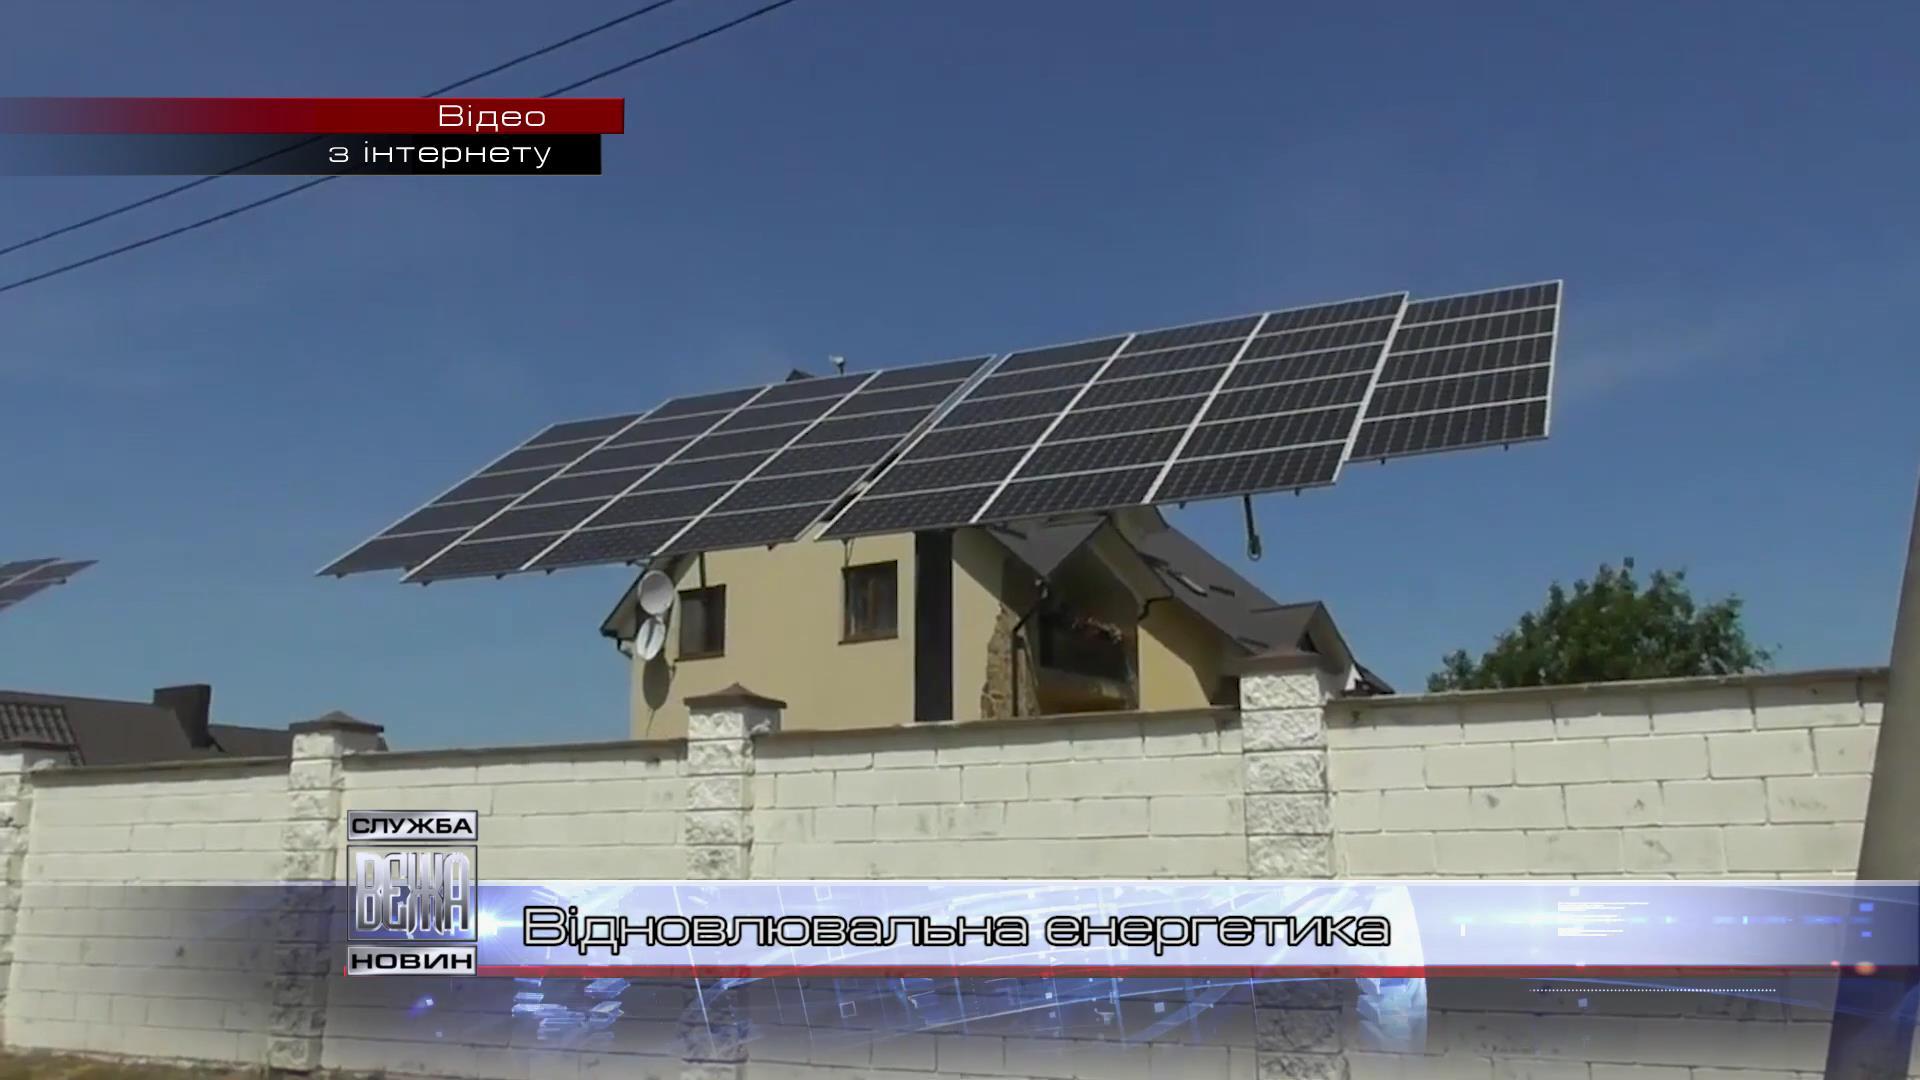 Понад 1000 сонячних електростанцій діють на Прикарпатті[19-08-55]